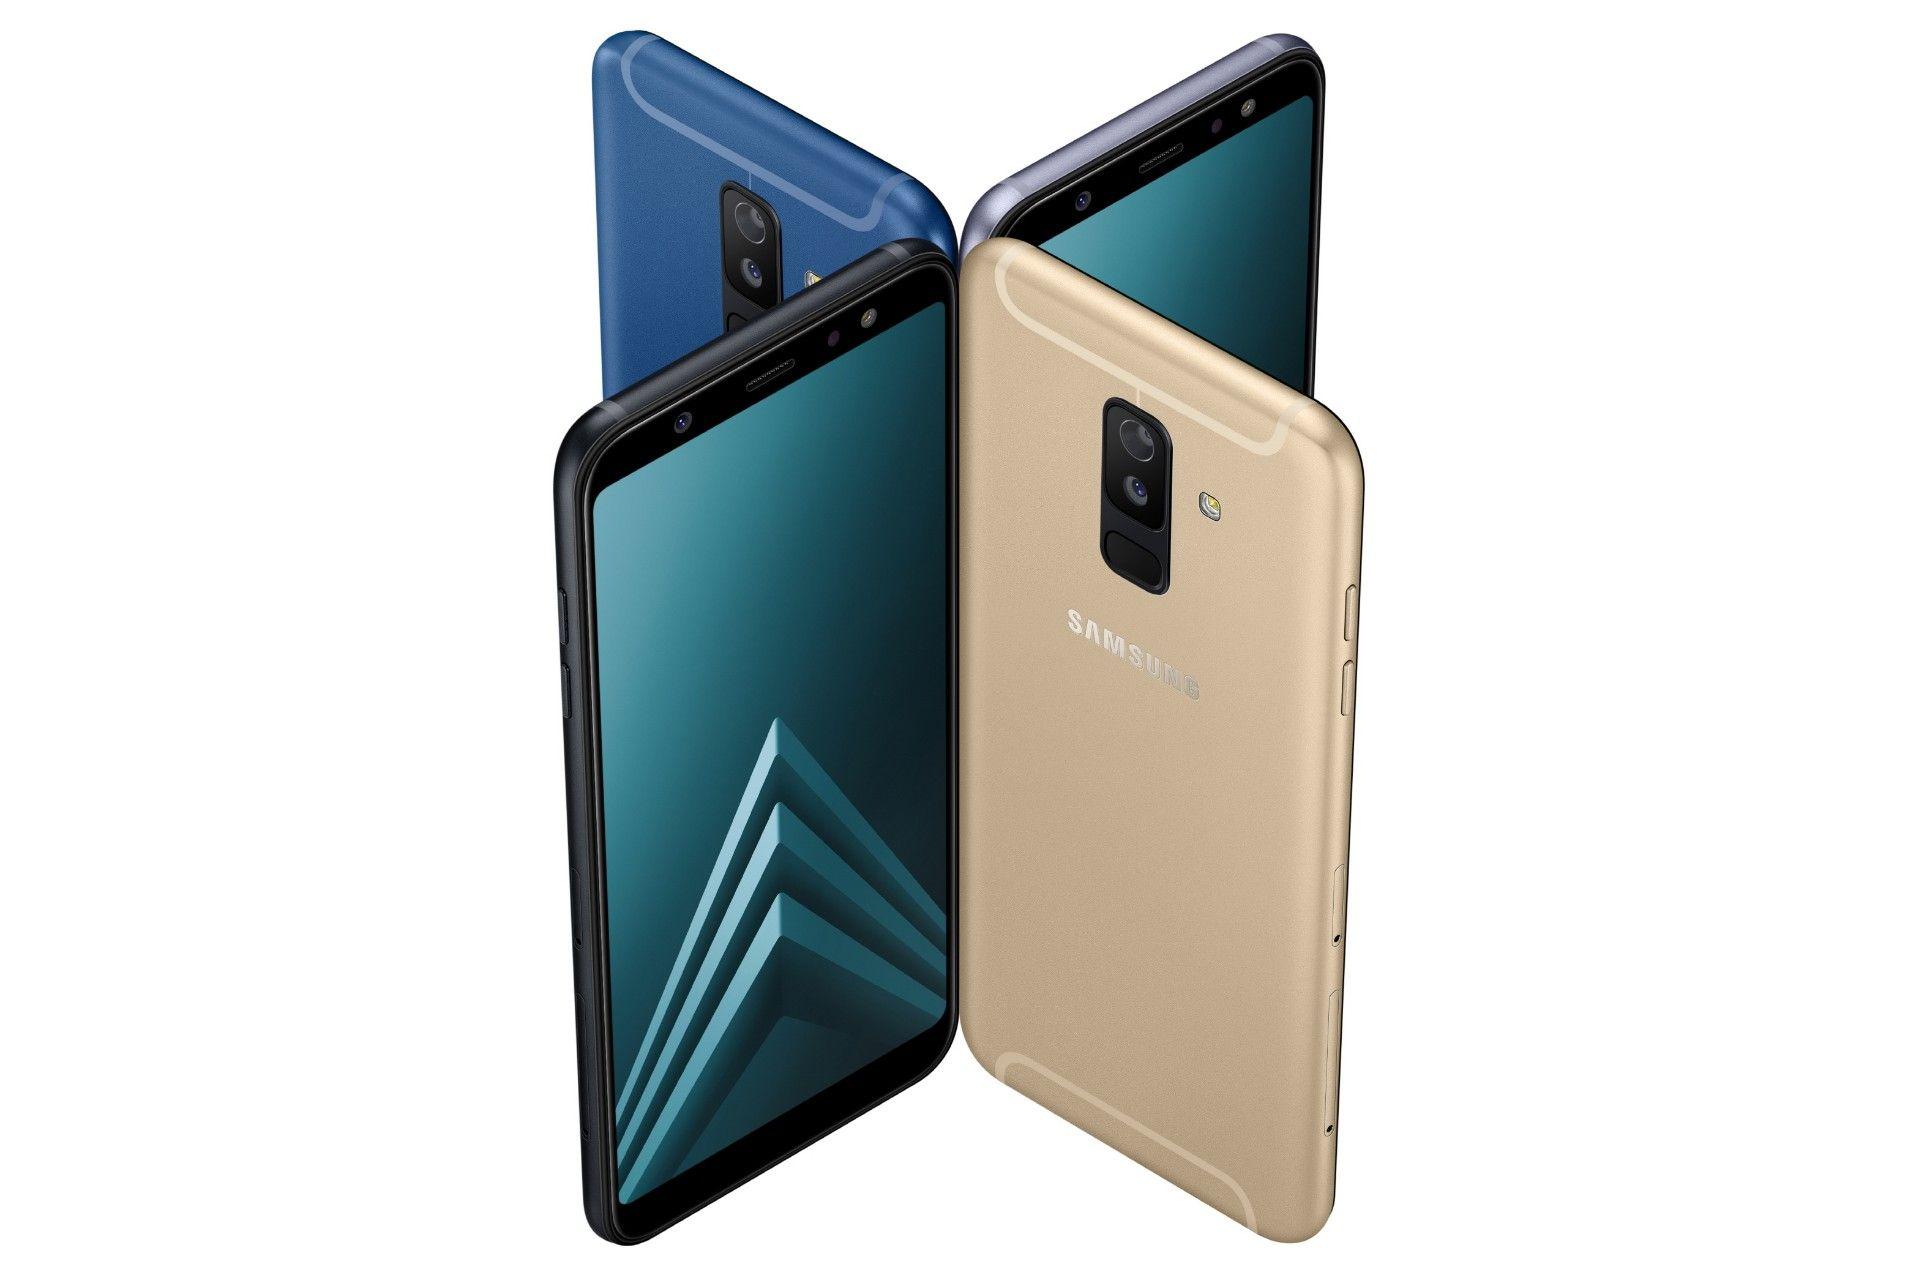 Camera Focused Galaxy A6 A6 Plus Officially Announced Samsung Samsung Galaxy Galaxy